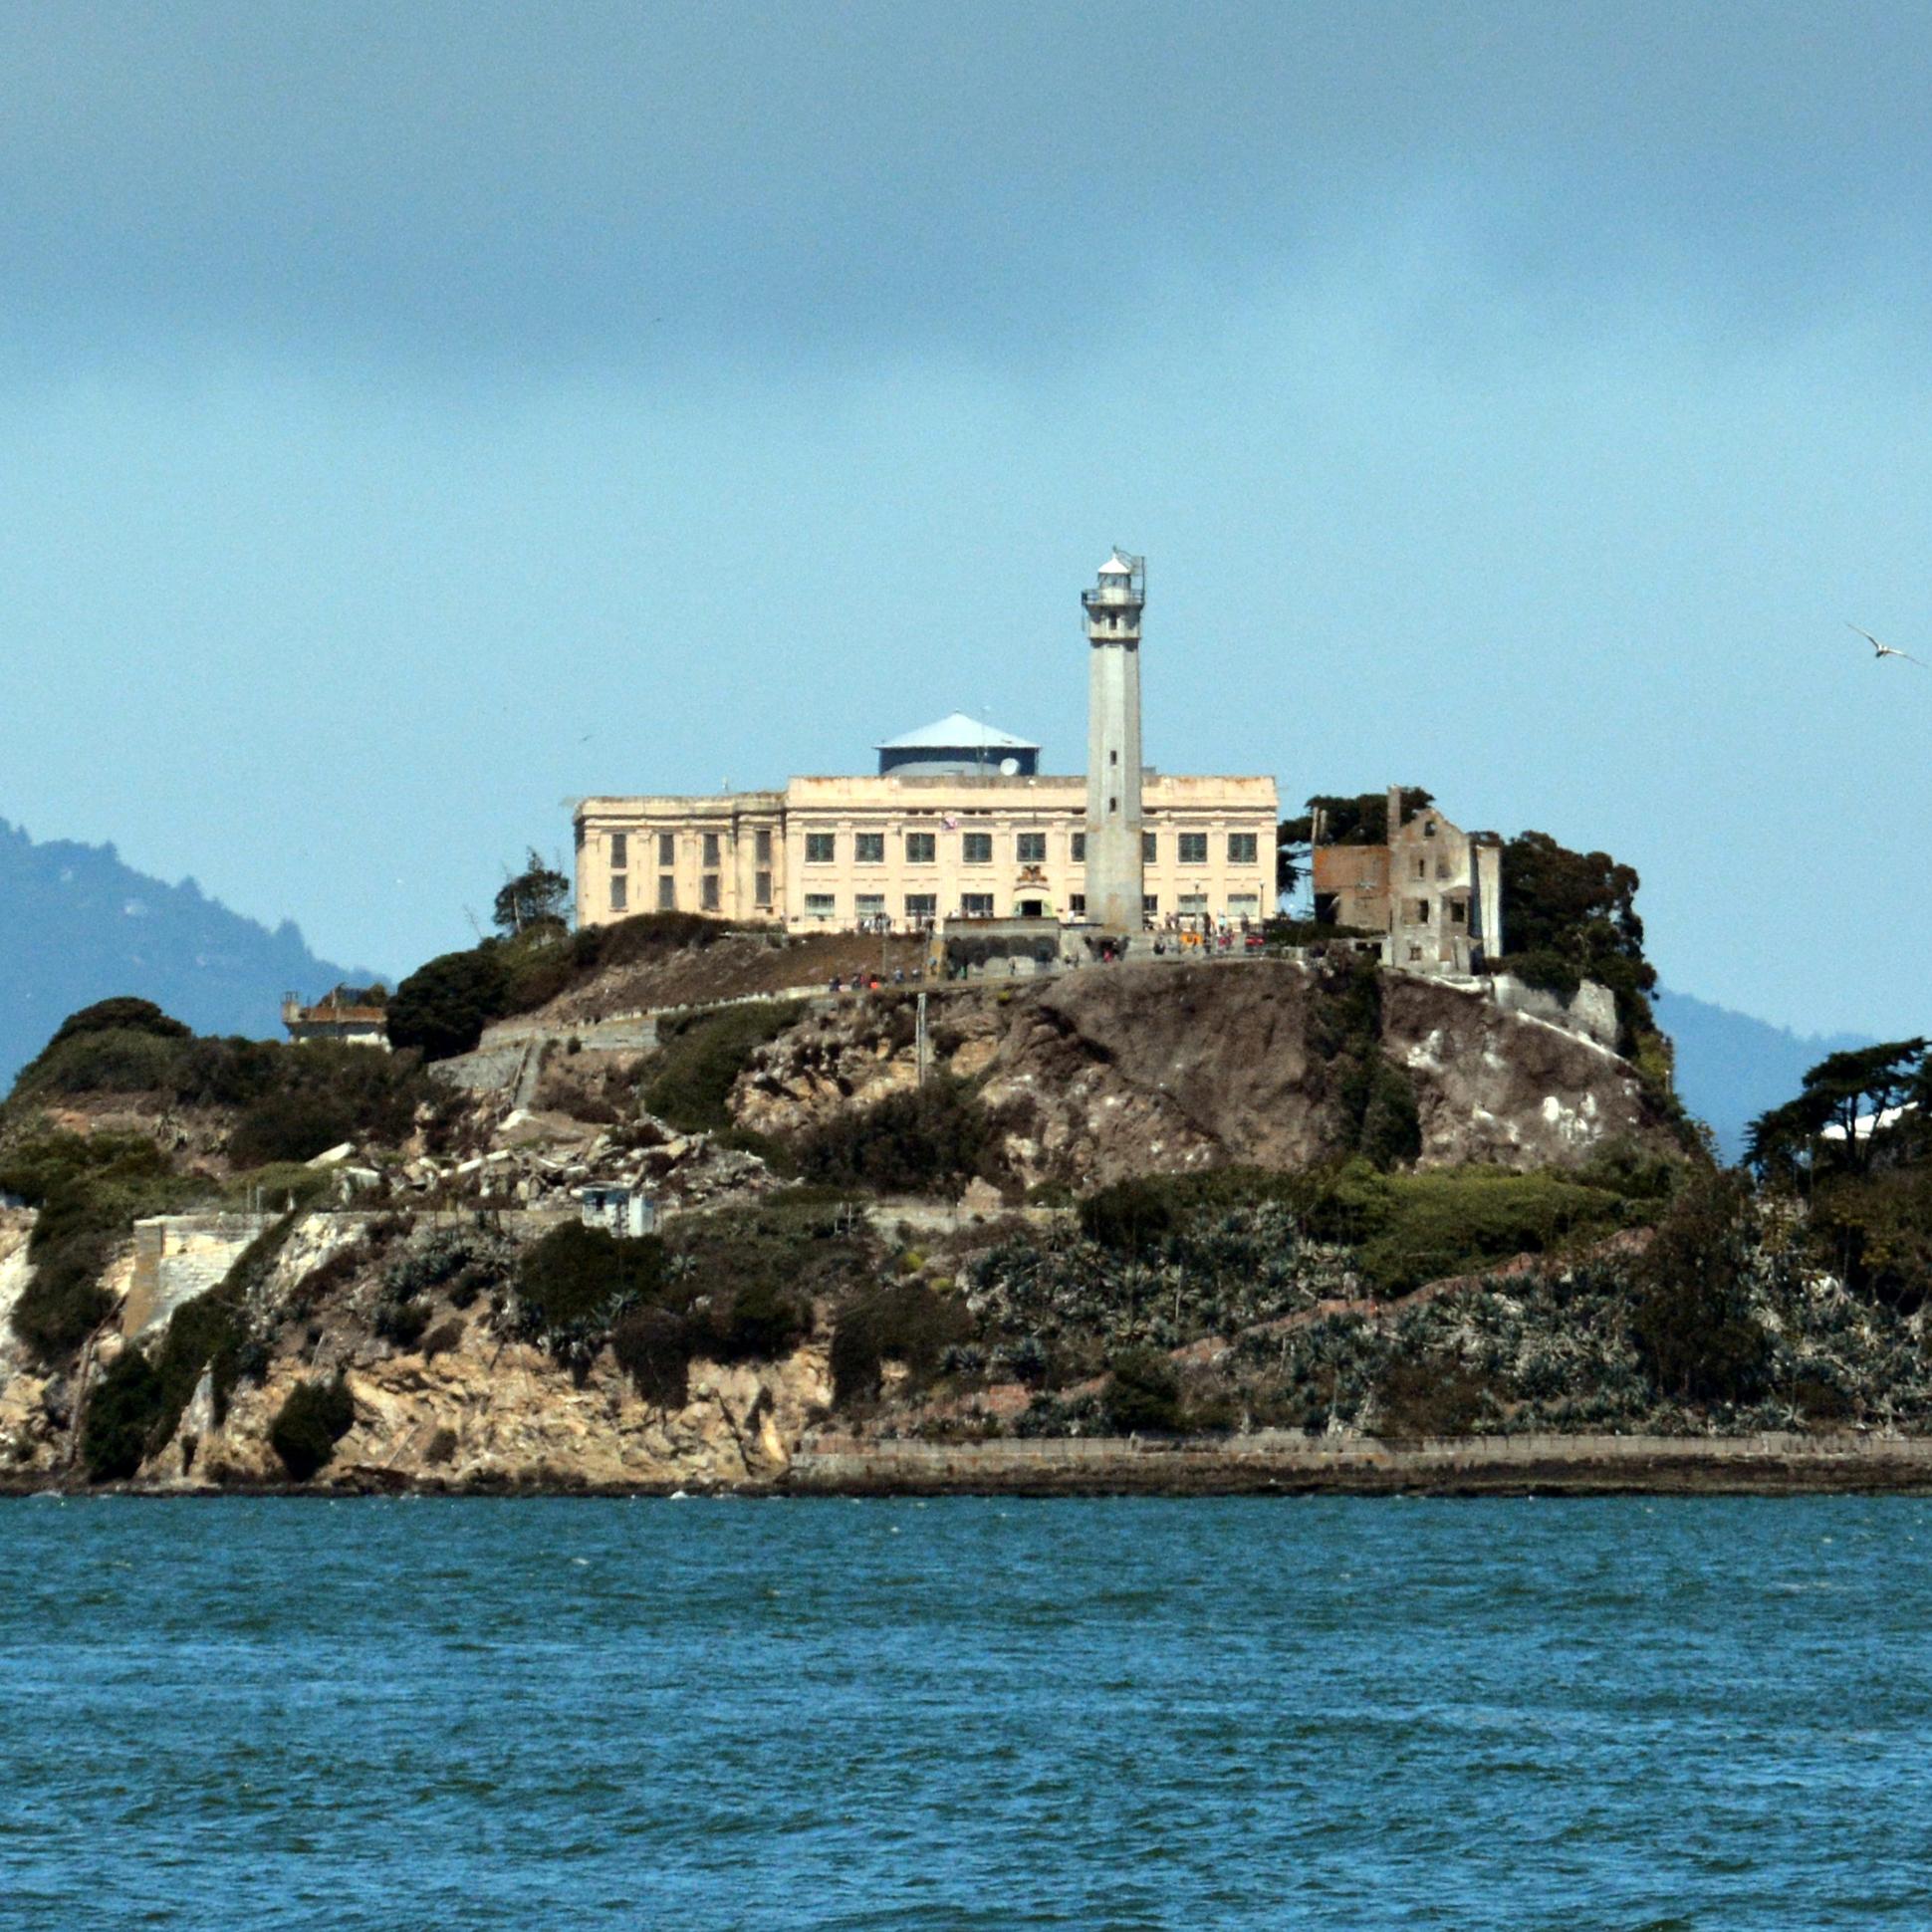 prisão federal de segurança máxima alcatraz